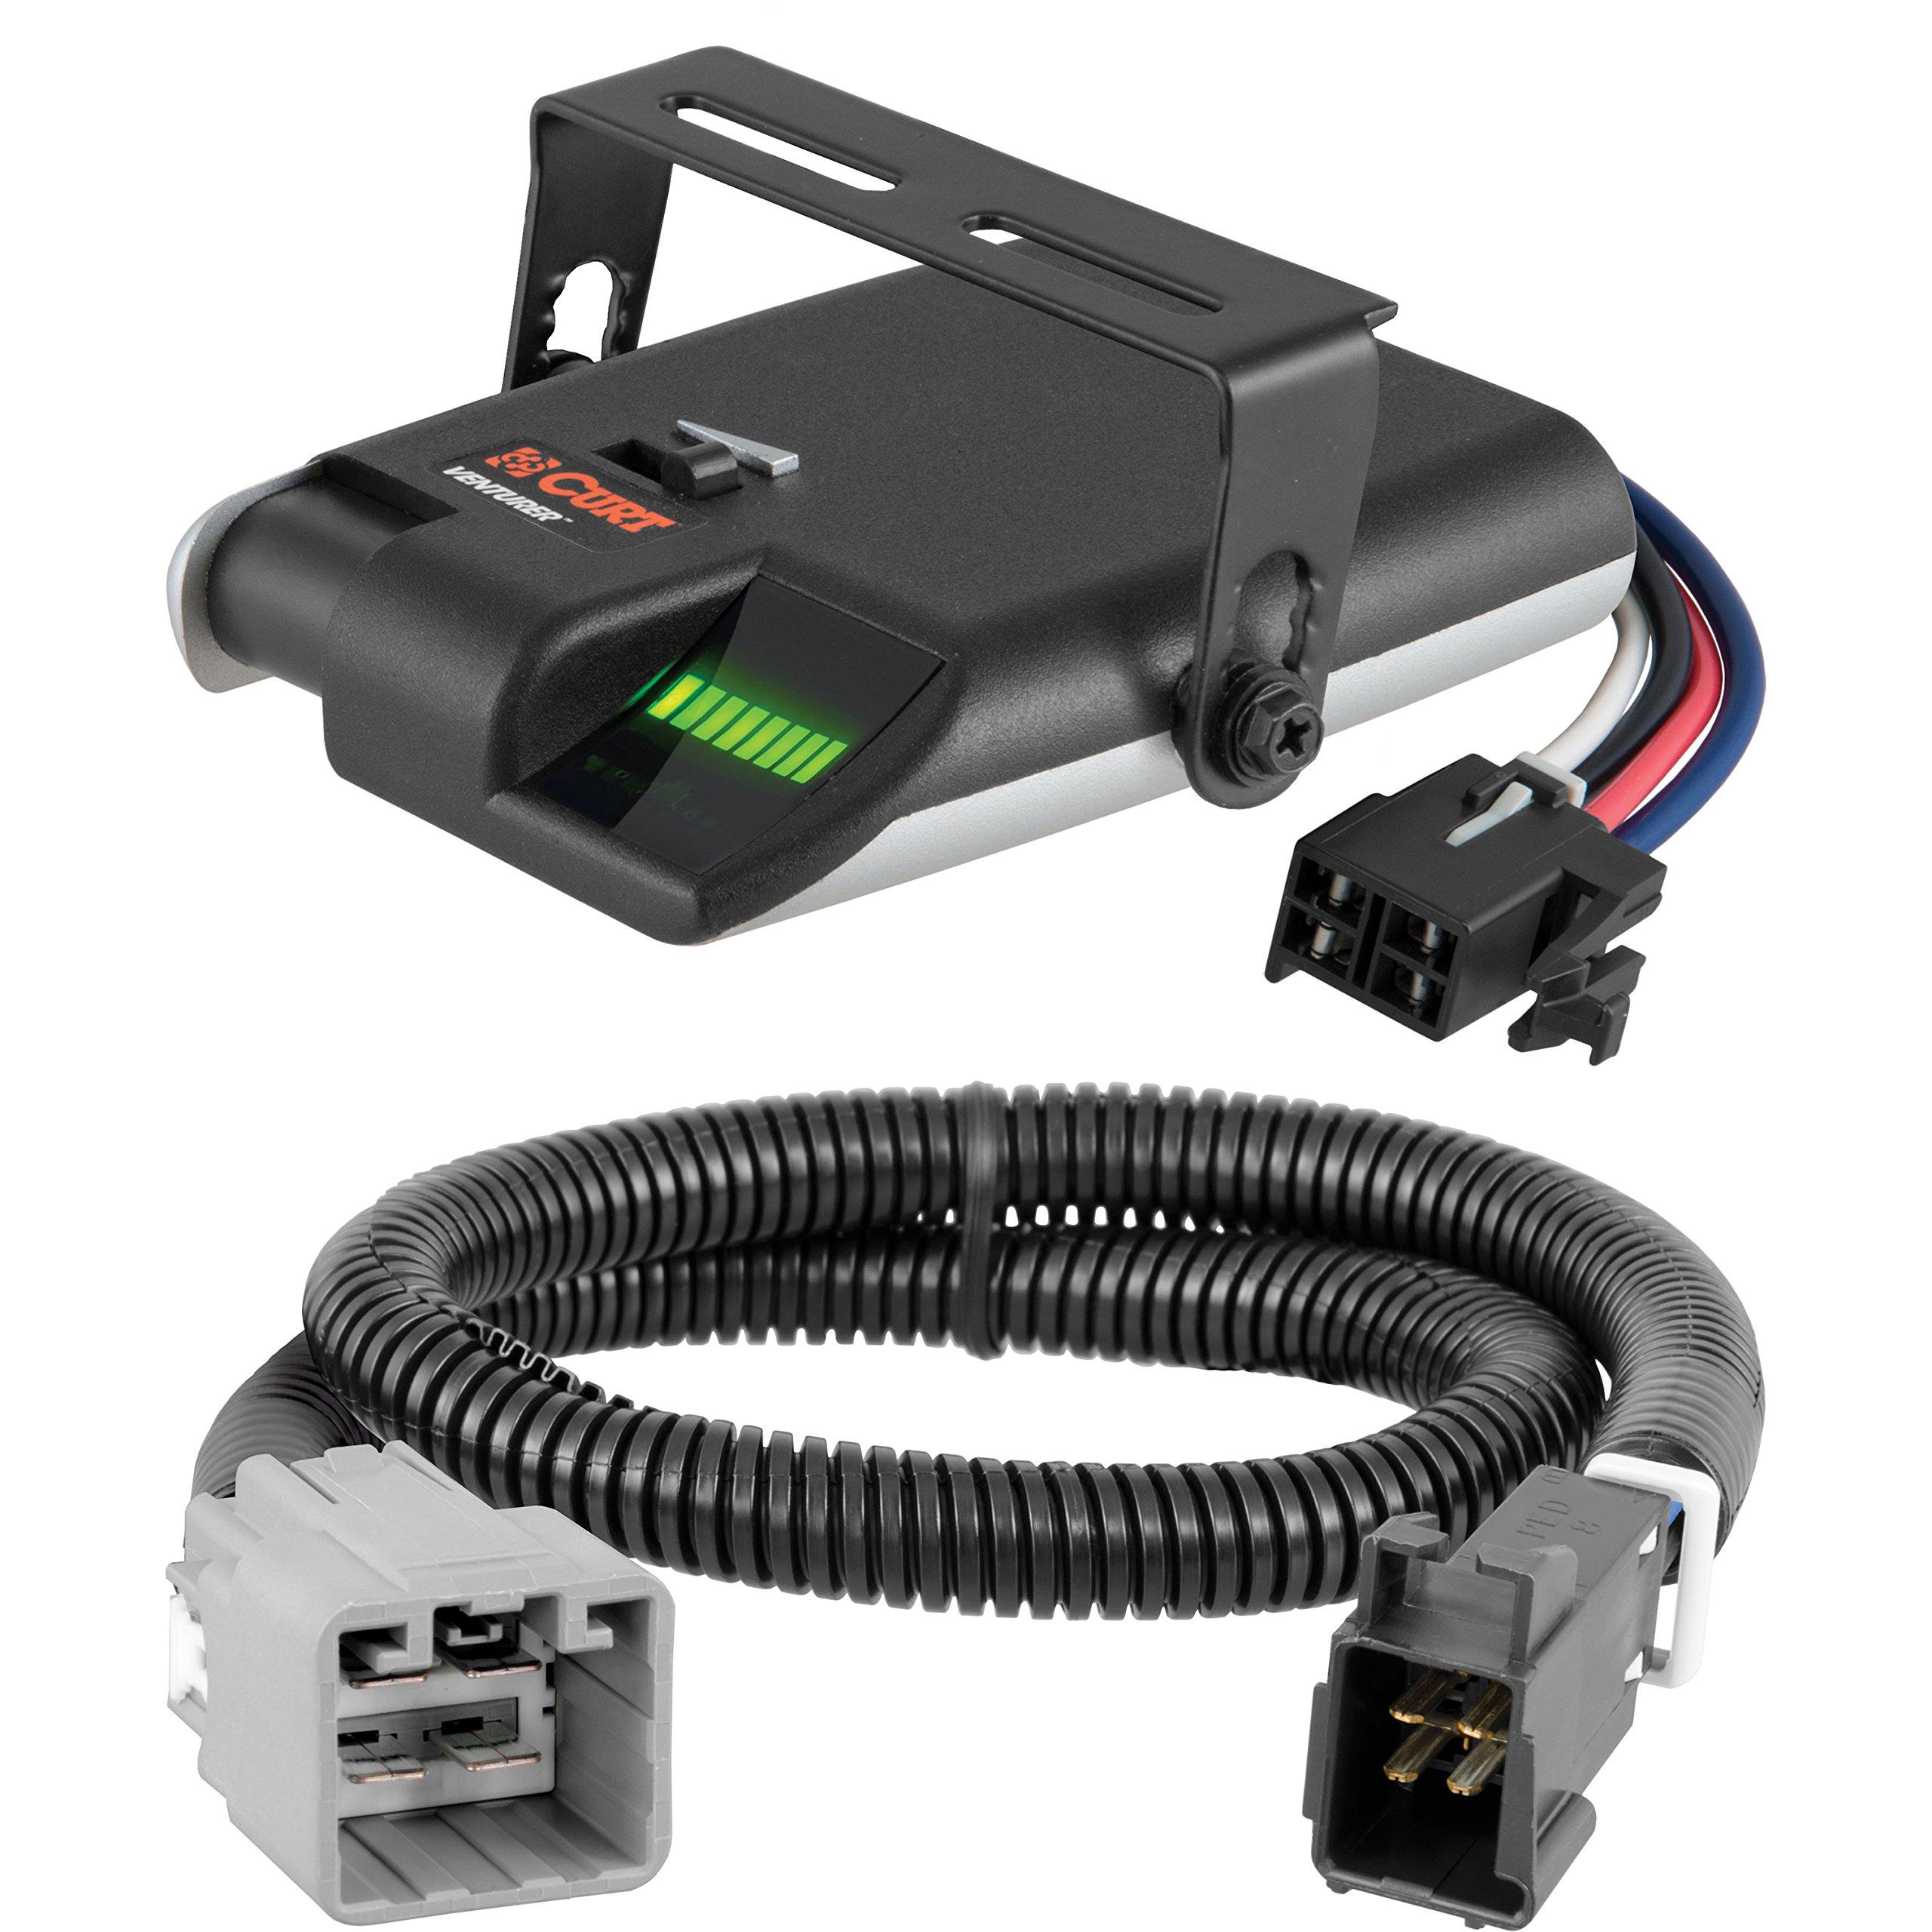 CURT Venturer Brake Controller & Wiring Kit for 2015-2016 Ram 1500, 2500, 3500 - 51457 & 51110